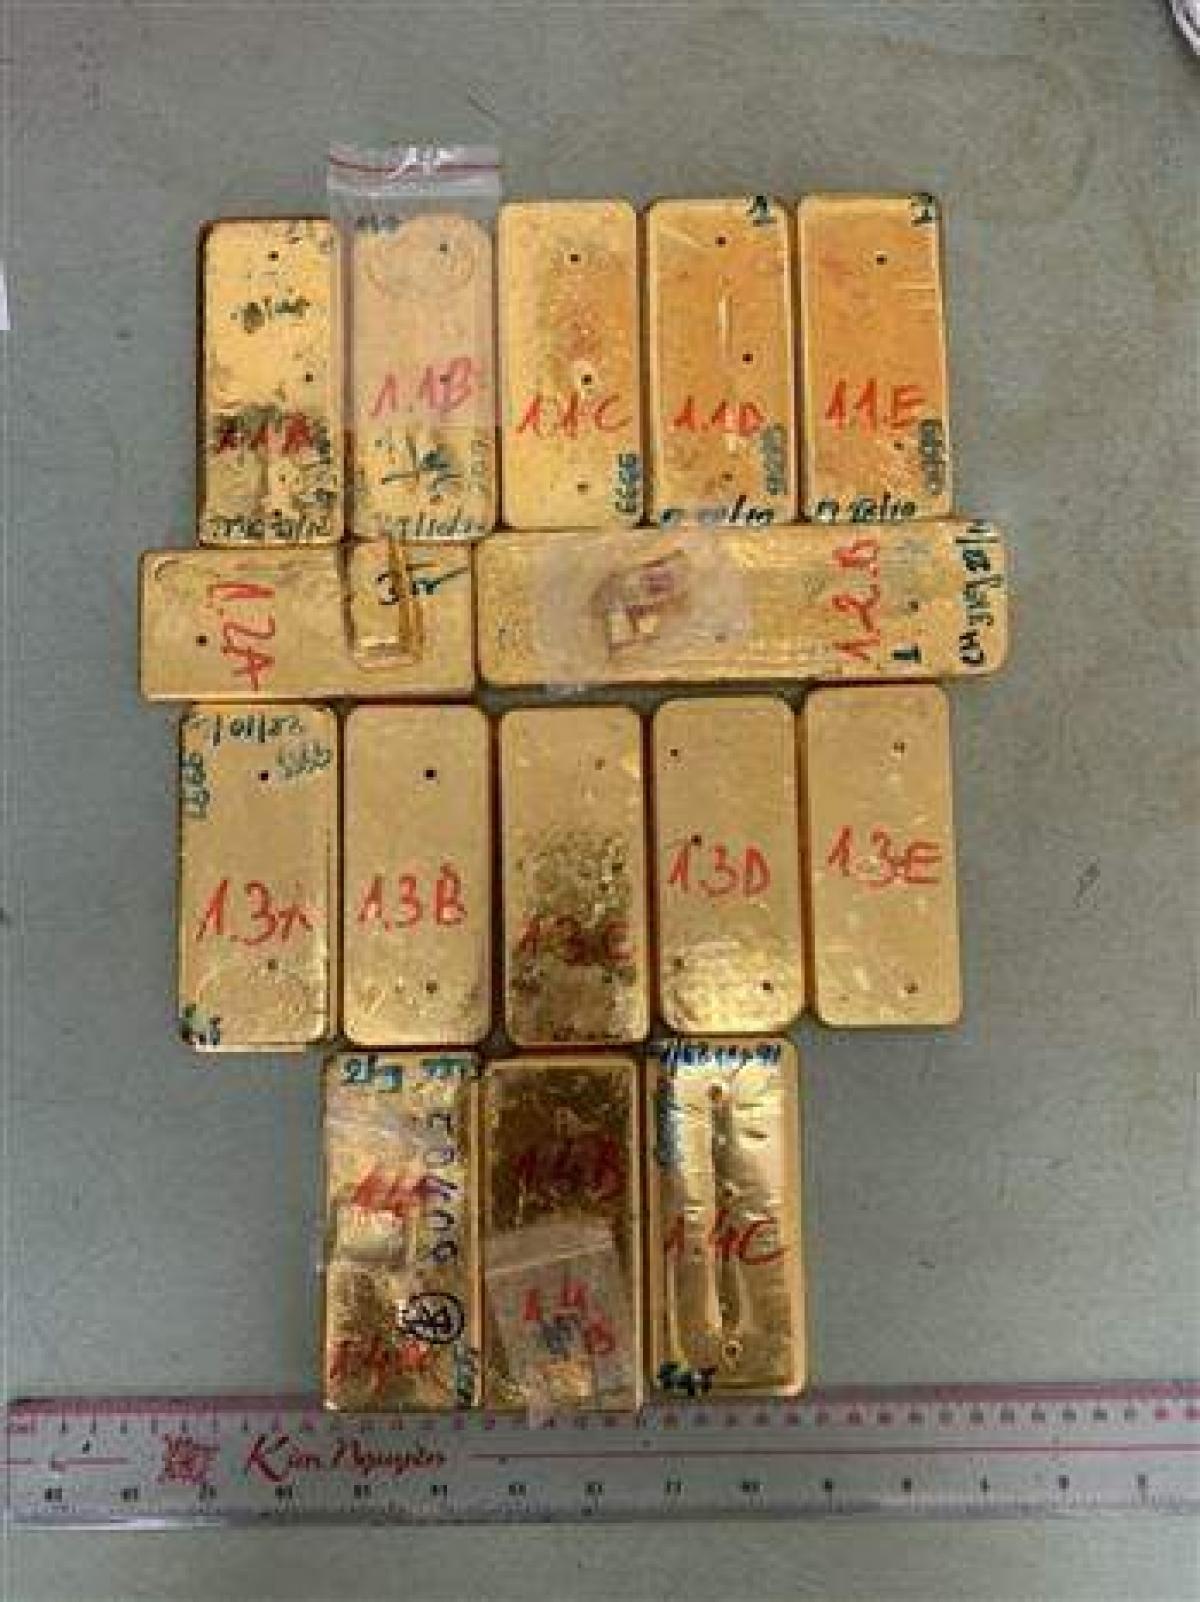 Theo kết quả giám định của Viện khoa học hình sự Bộ Công an, 51 kg kim loại màu vàng vận chuyển trái phép qua biên giới bị Công an tỉnh An Giang bắt giữ vào ngày 30/10/2020 là vàng 9999 không lẫn tạp chất.